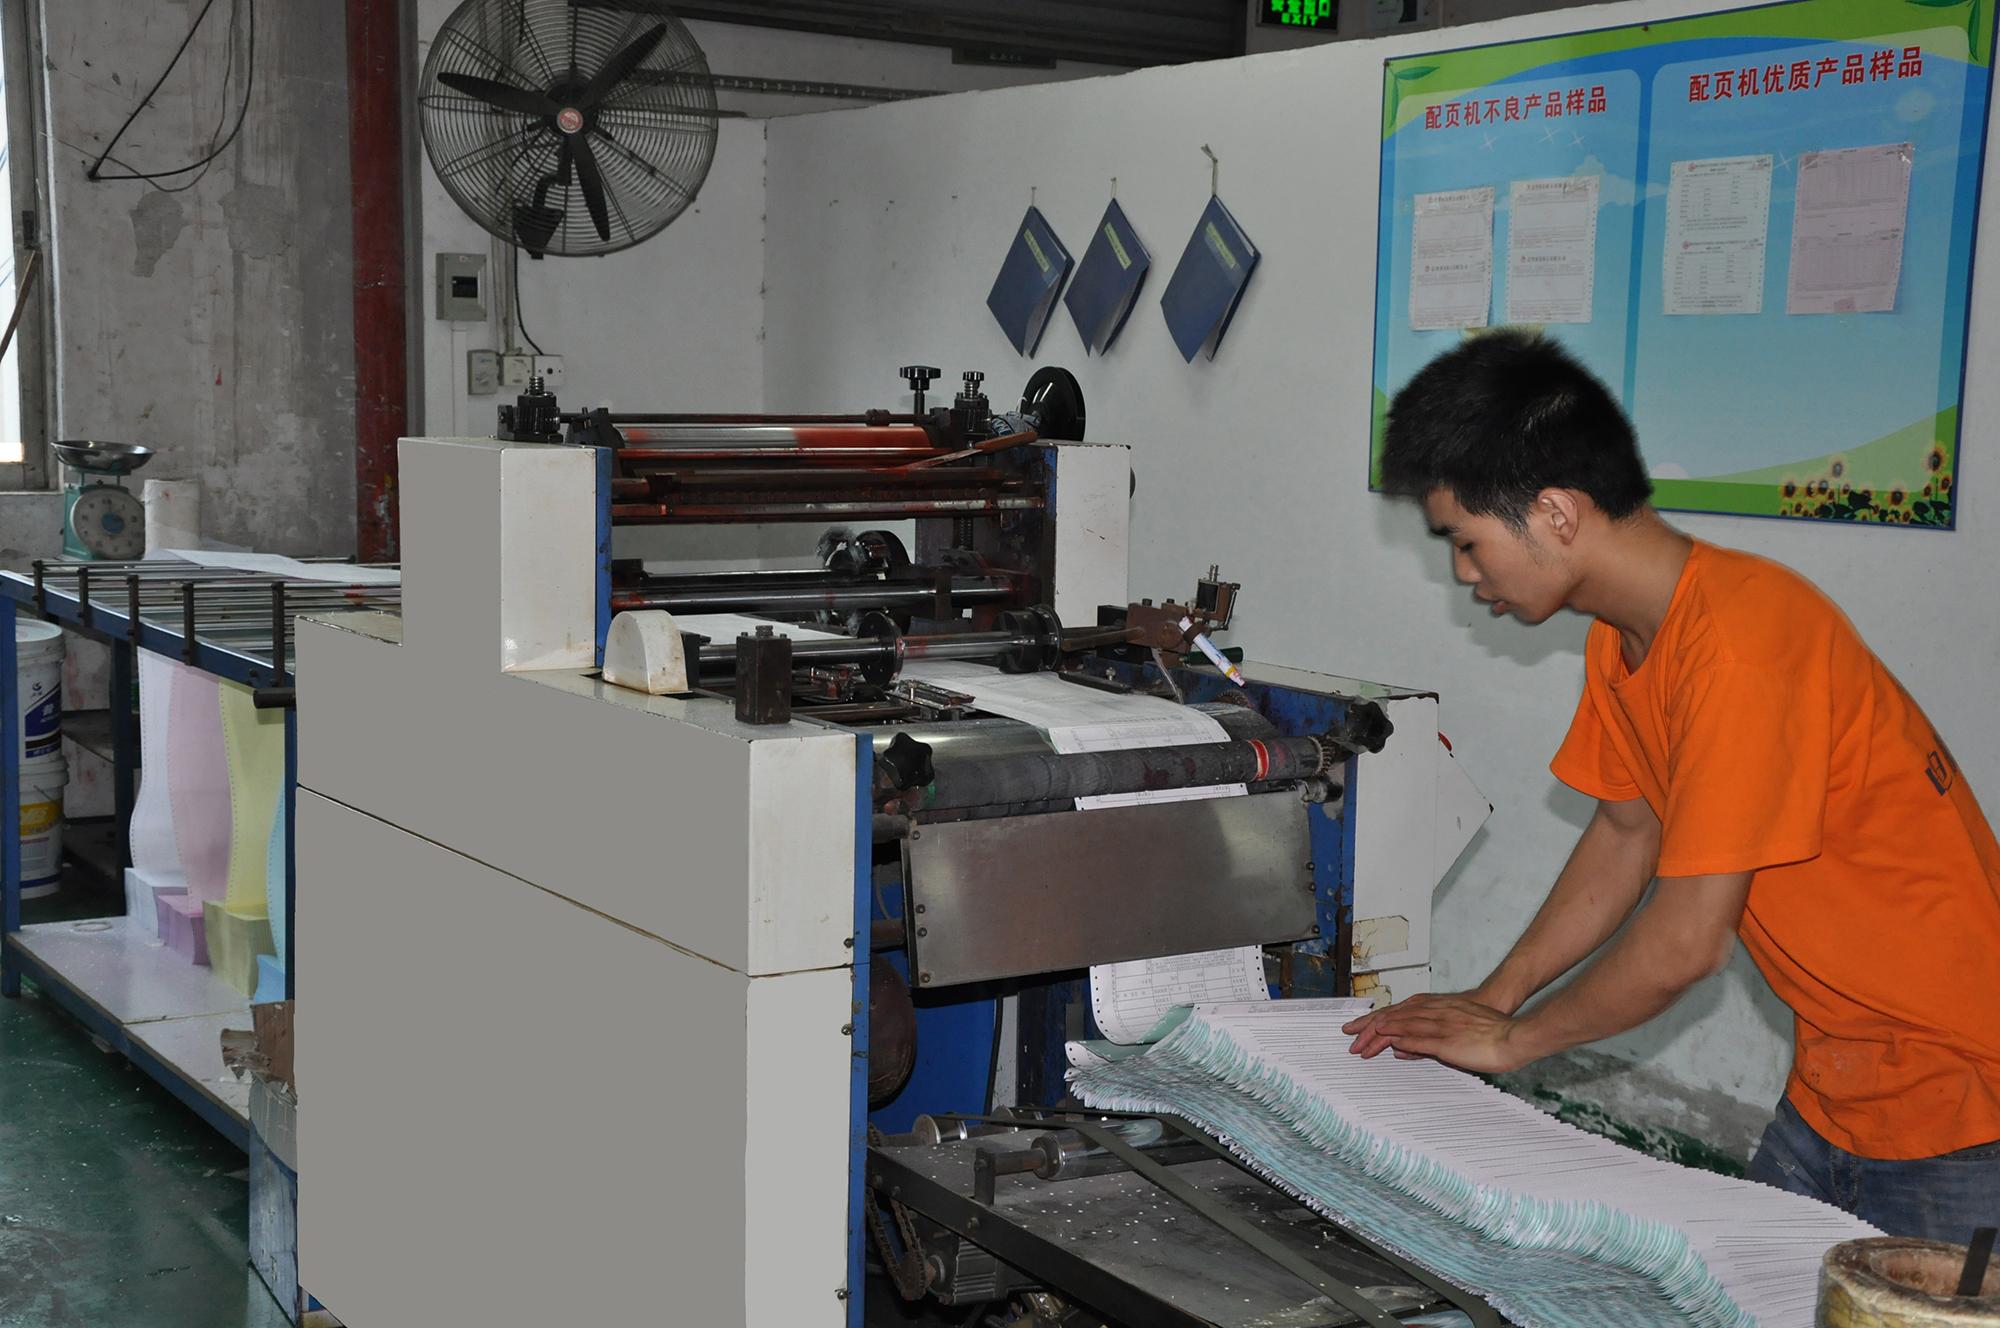 国内某著名食品企业四色商业表格印刷生产完毕